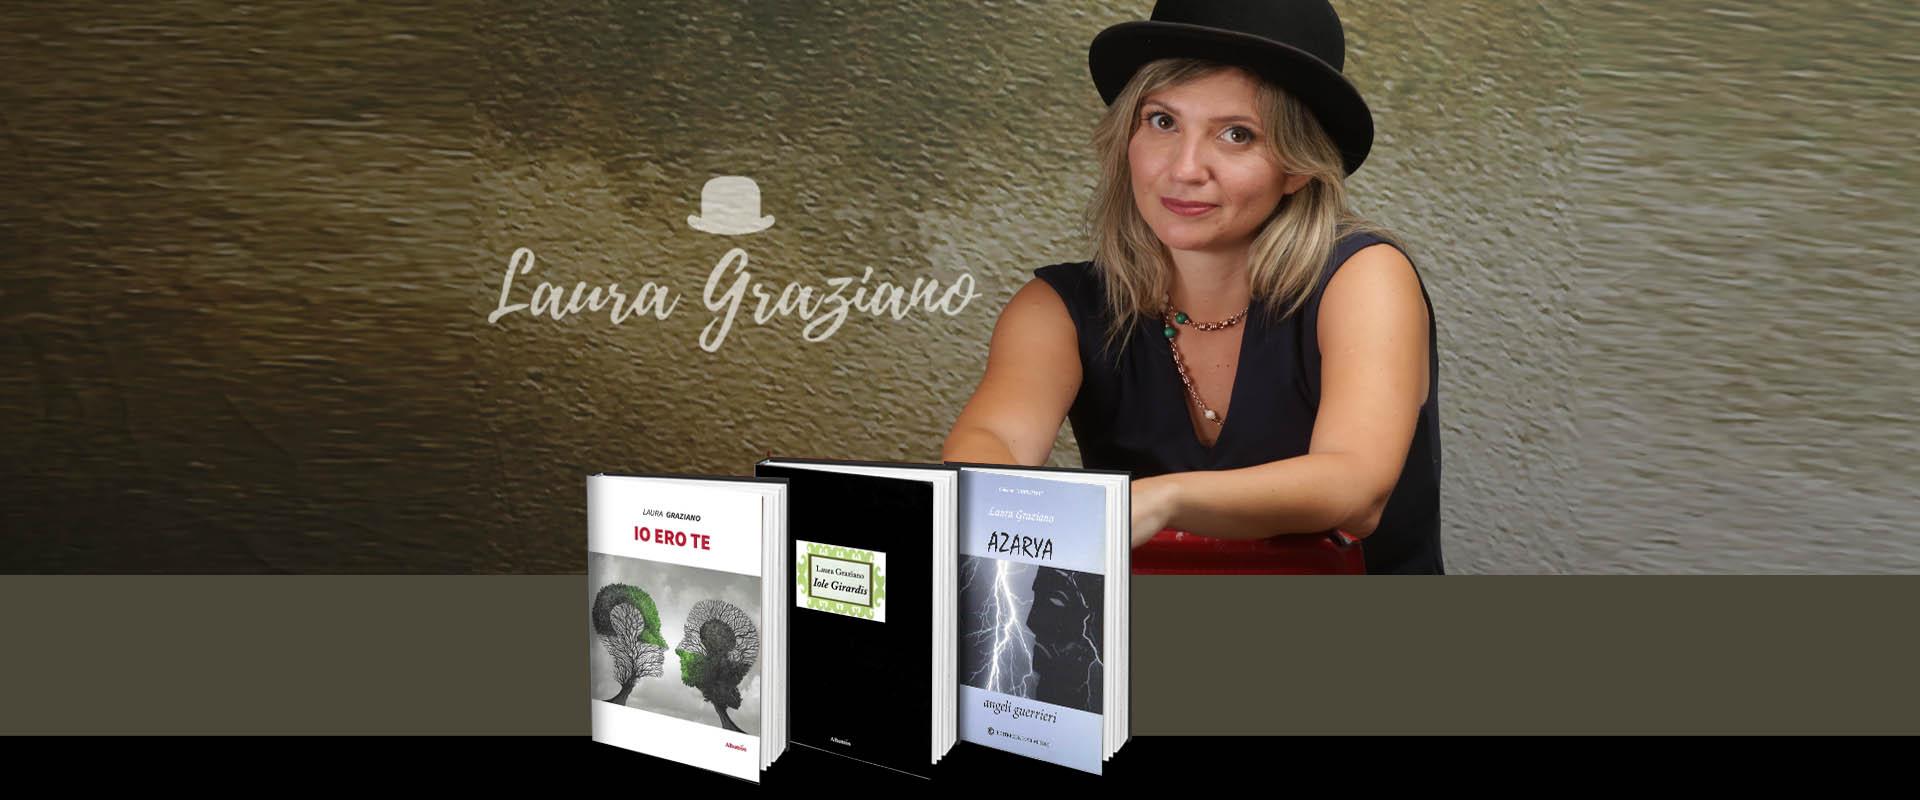 Laura Graziano